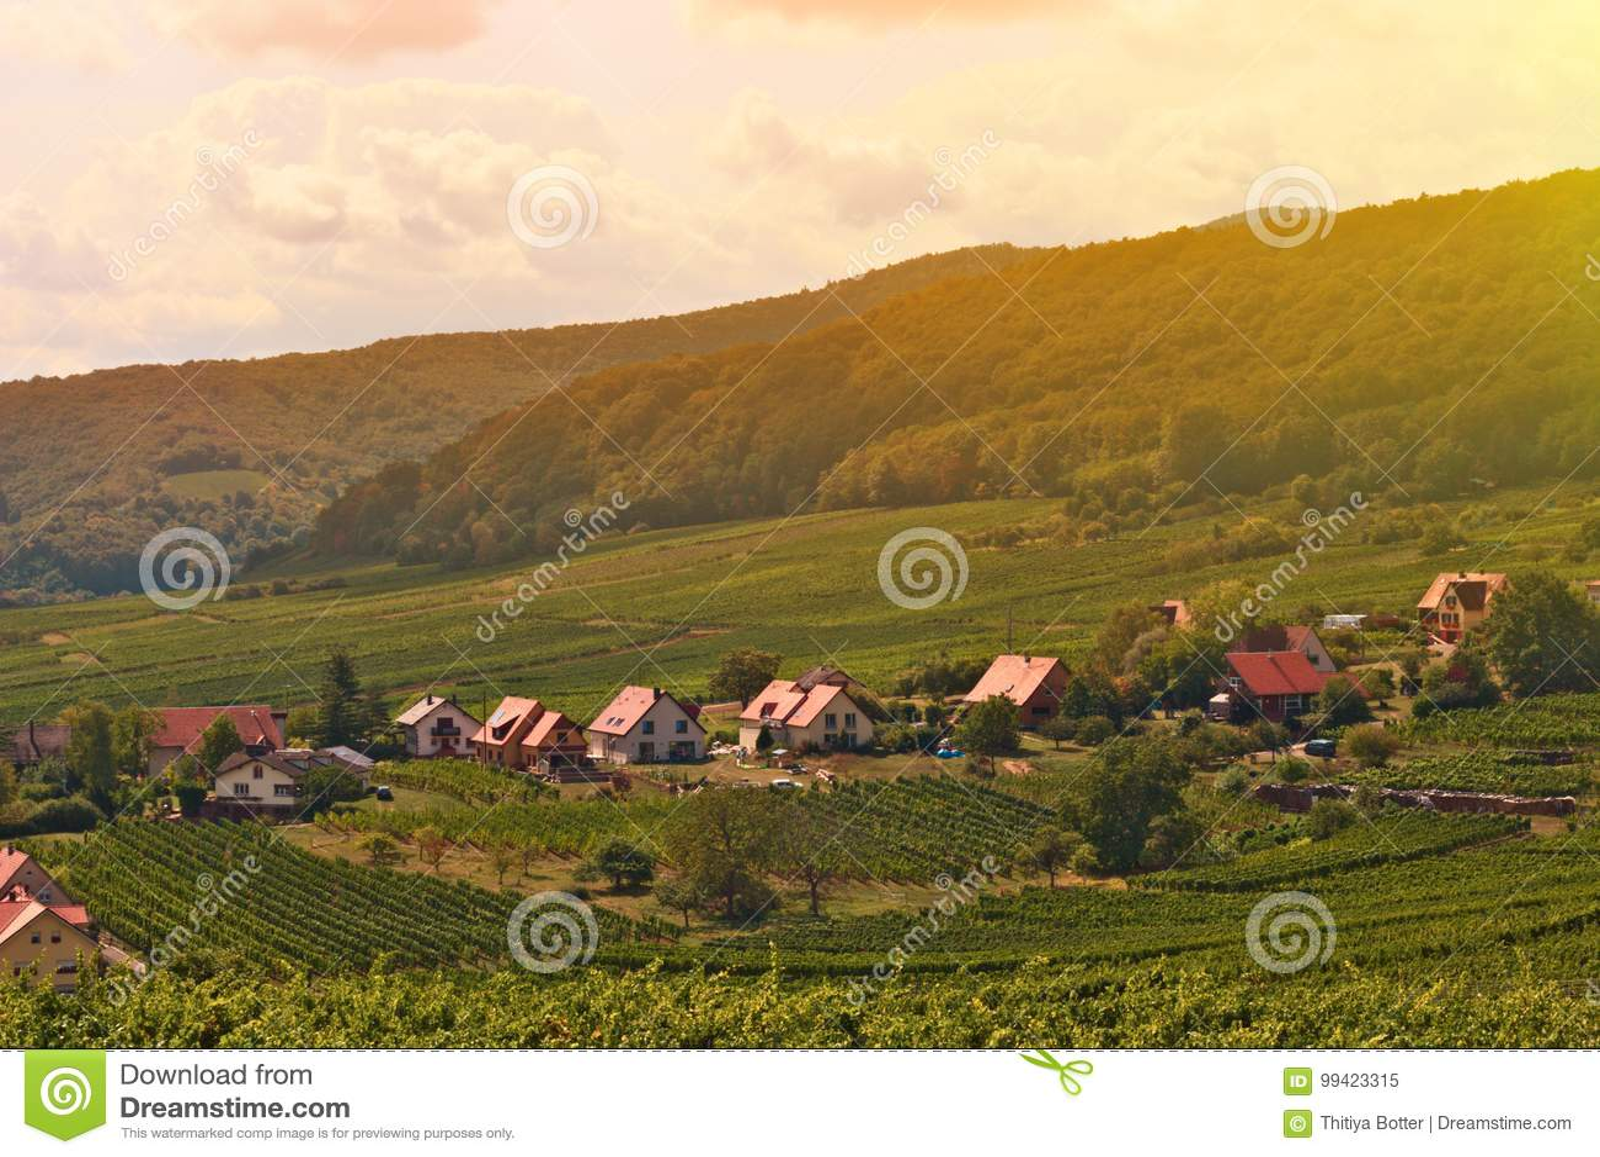 Τοπίο ατμόσφαιρας του ρομαντικού μικρού χωριού της Ευρώπης με το χωριό αμπελώνων